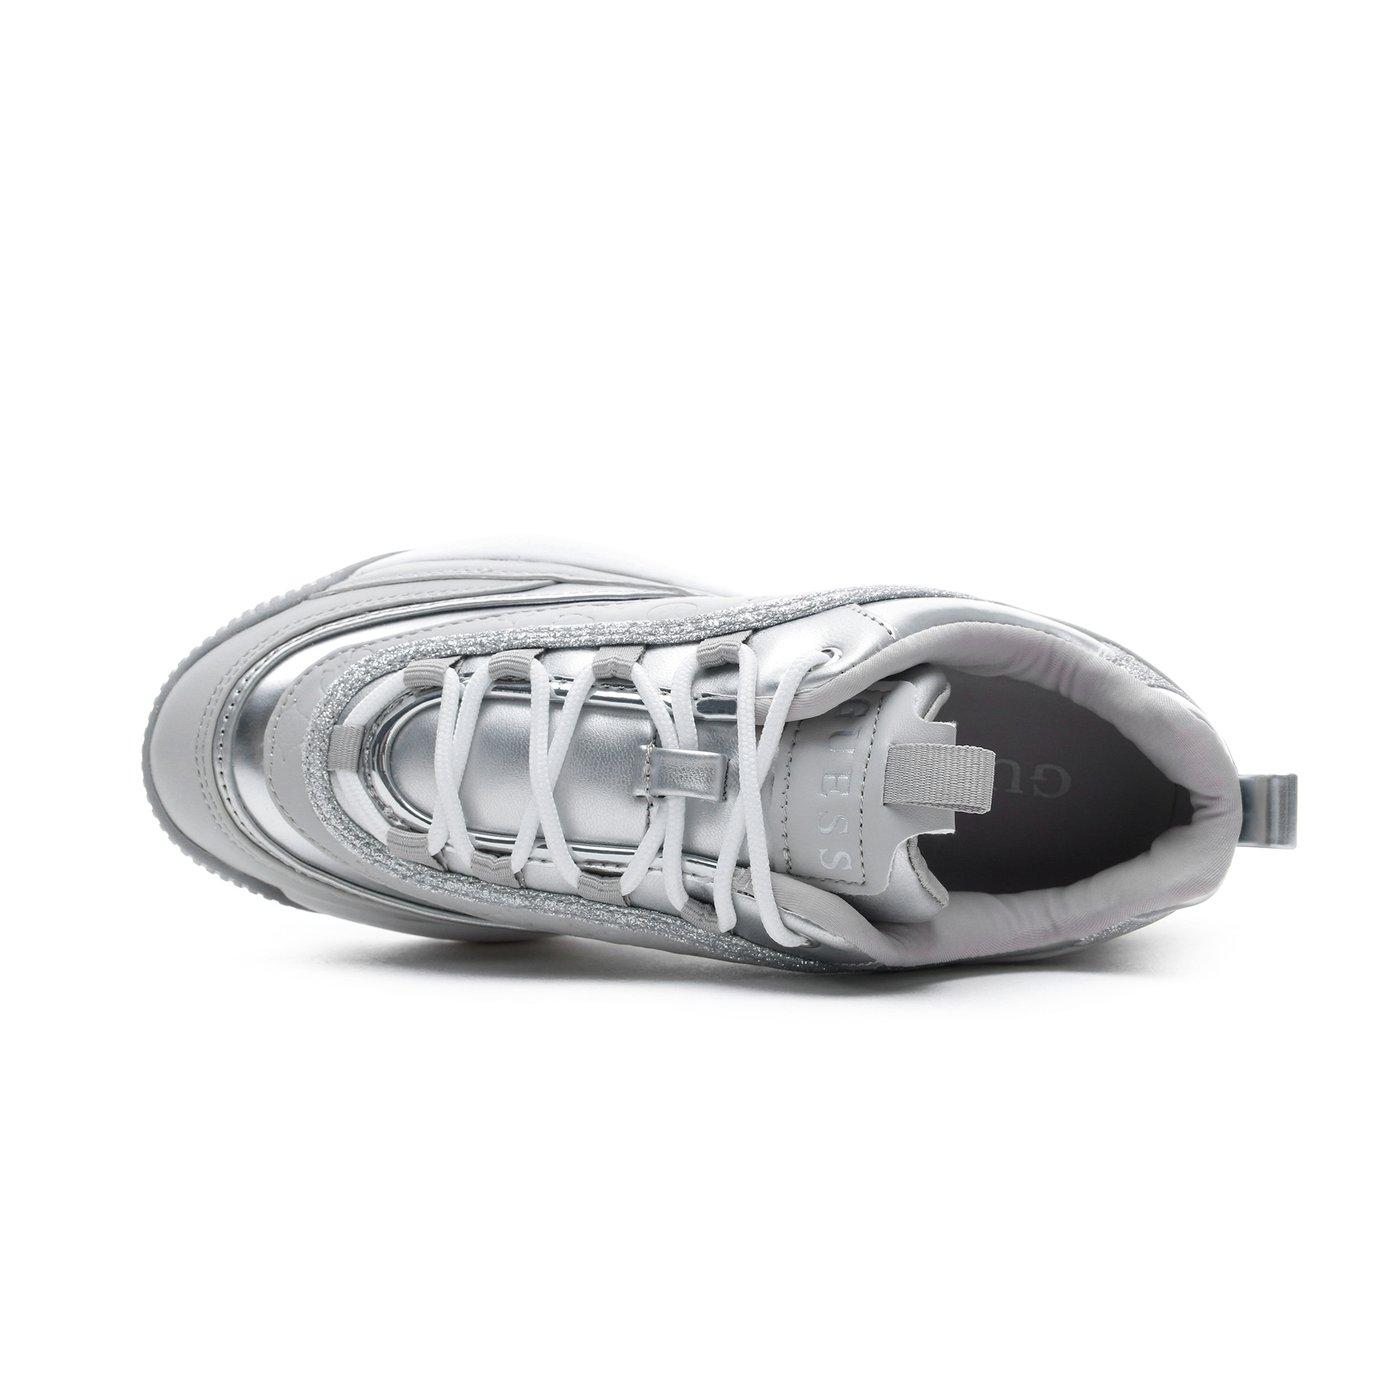 Guess Kaysie Gri Kadın Spor Ayakkabı